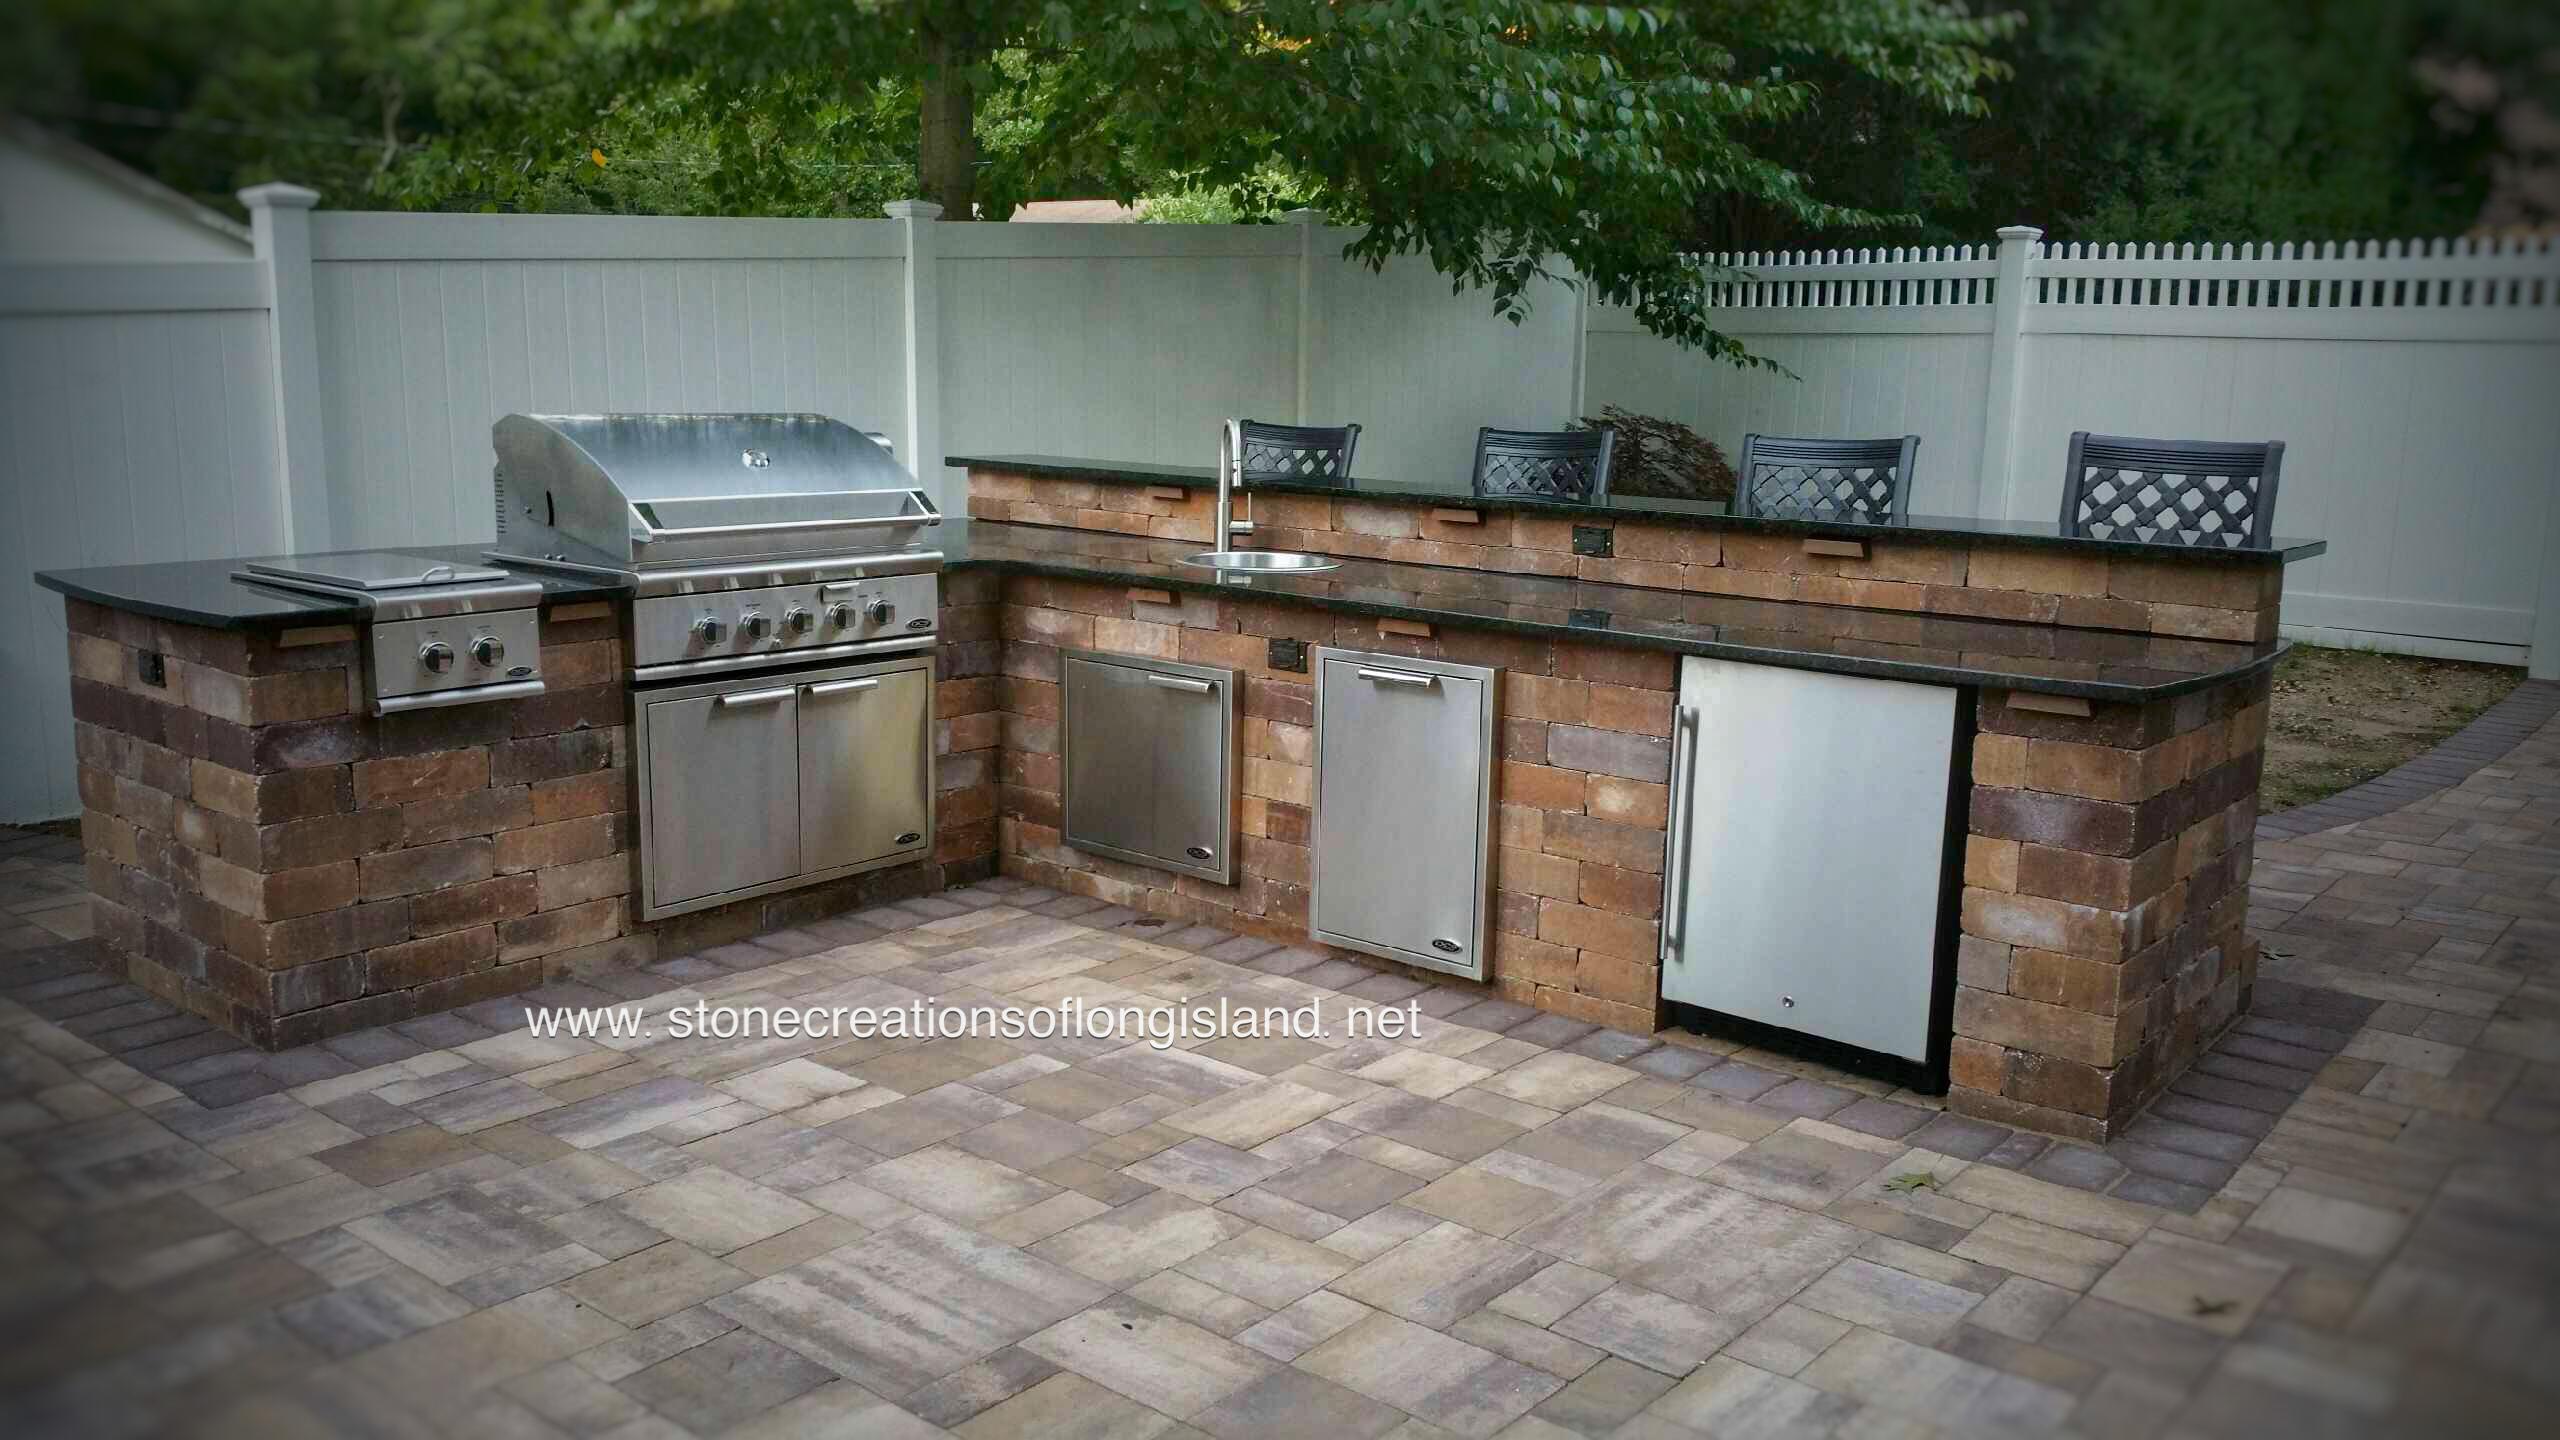 L Shaped Outdoor Kitchen Island Kings Park N Y 11754 Www Stonecreationsoflongisland Net Lon Outdoor Kitchen Island Outdoor Kitchen Kitchen Island With Sink